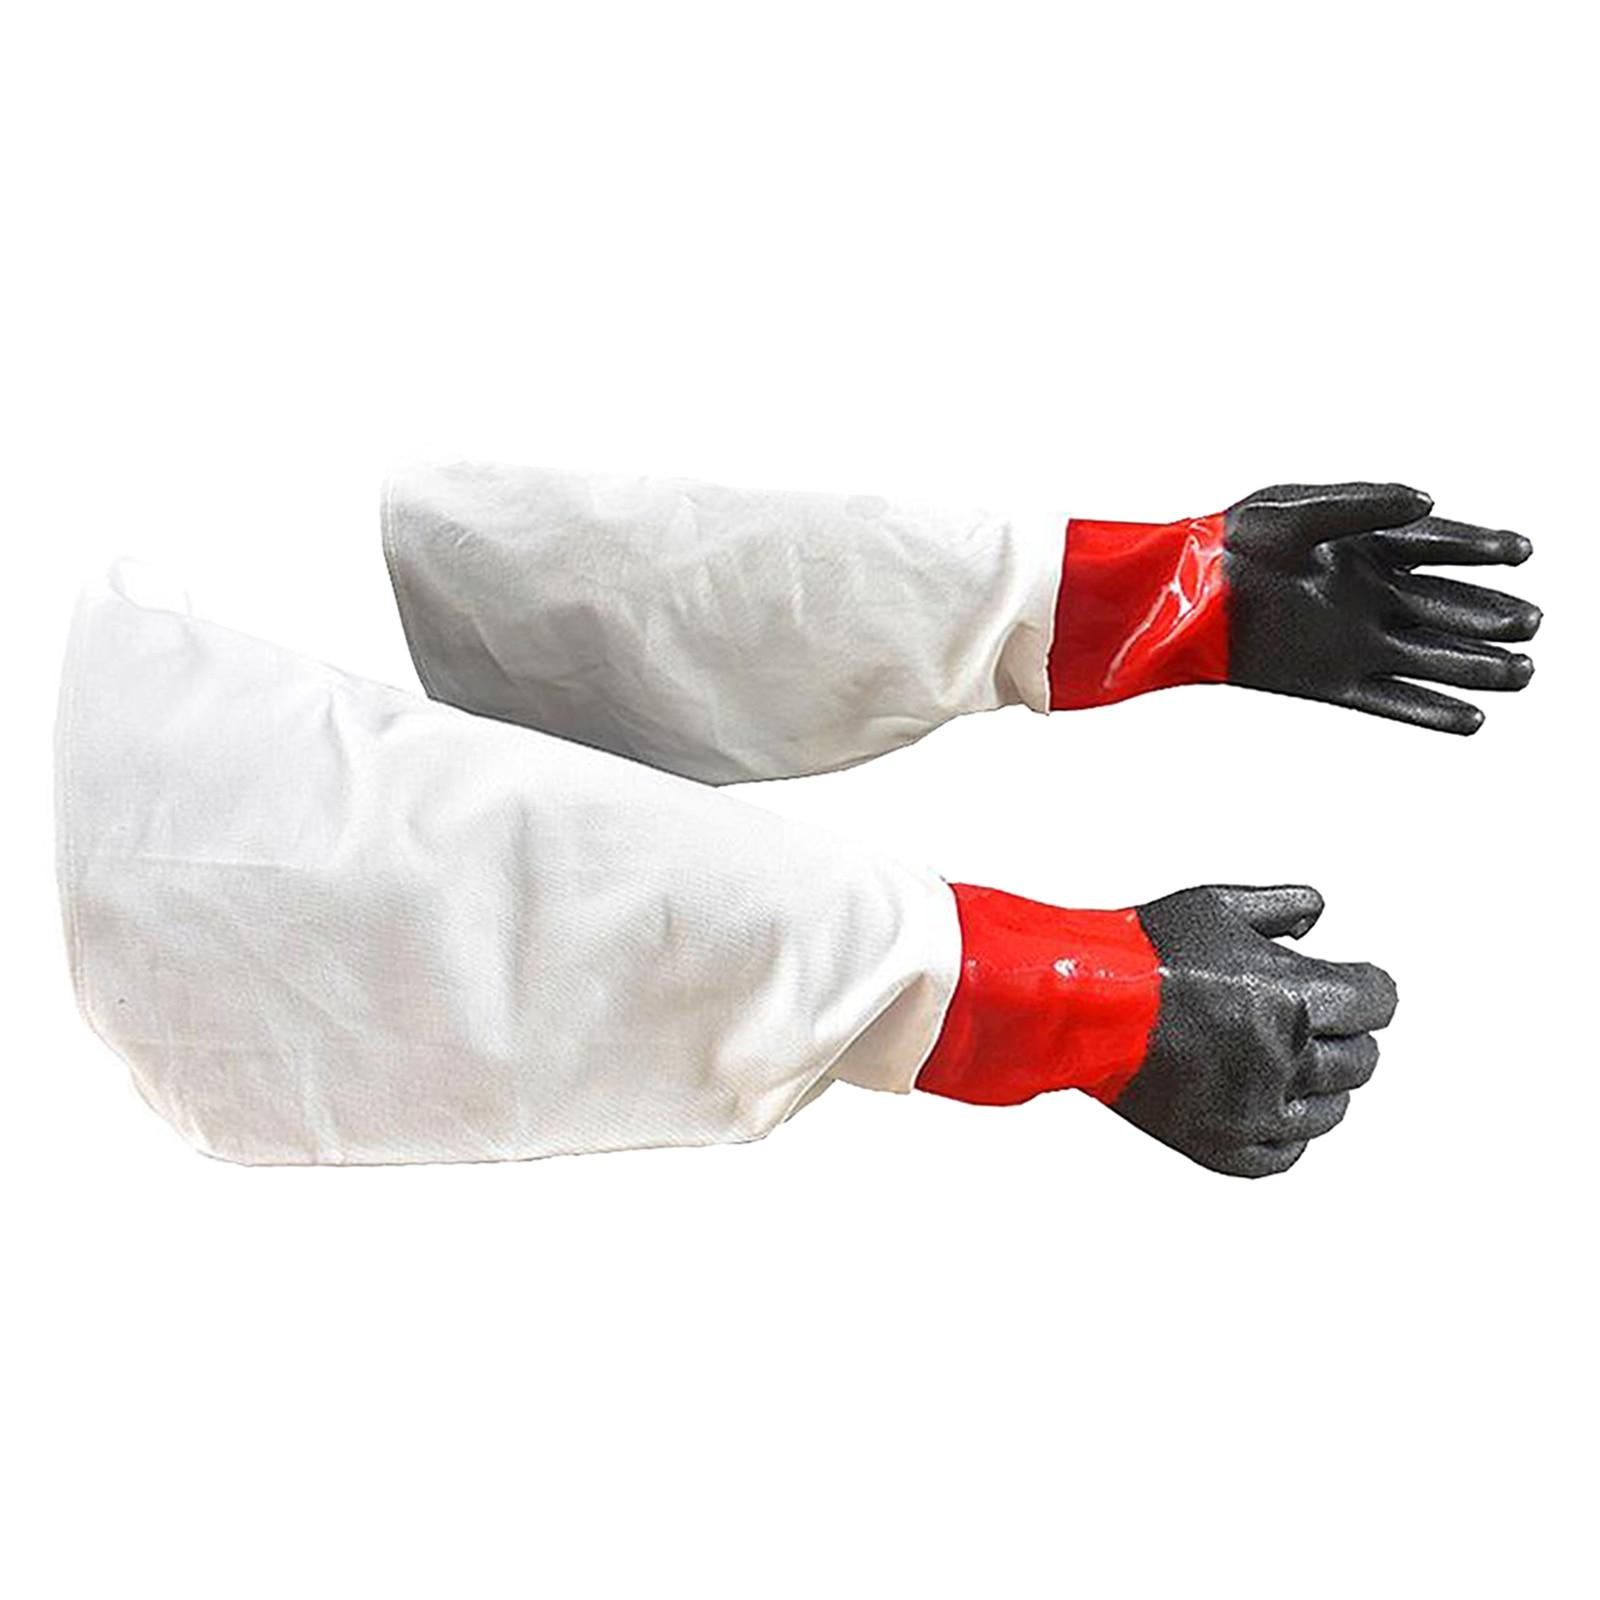 Сверхмощные пескоструйные перчатки, рабочие, чистящие части шкафов, промышленные перчатки